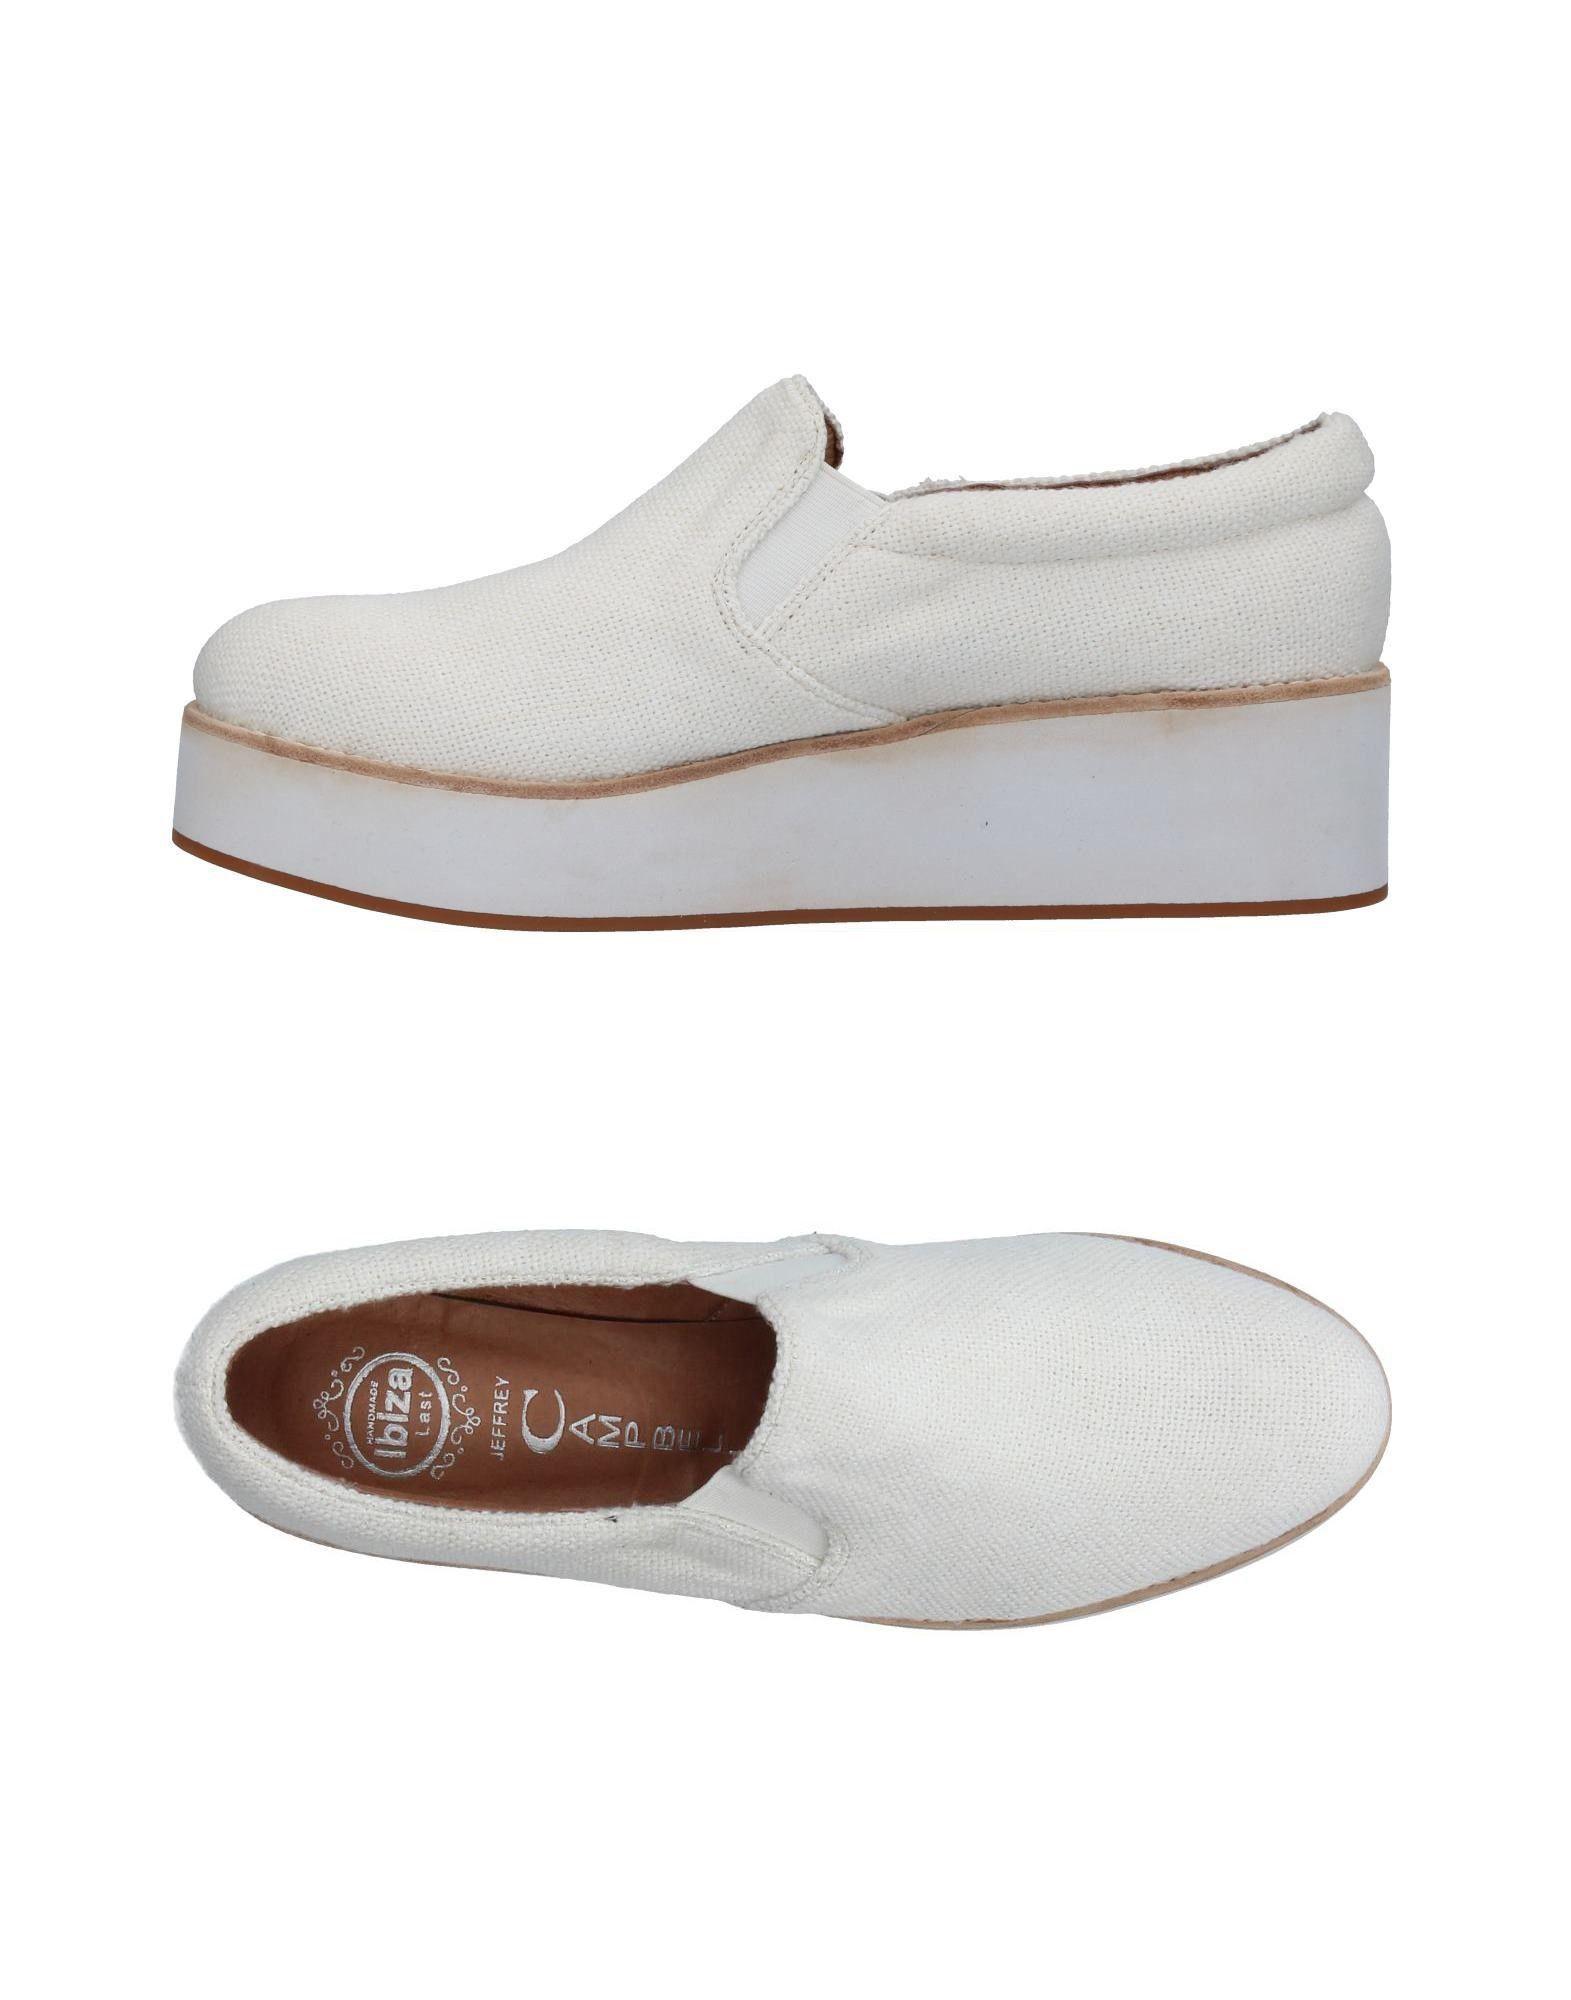 JEFFREY CAMPBELL Damen Low Sneakers & Tennisschuhe Farbe Weiß Größe 15 jetztbilligerkaufen